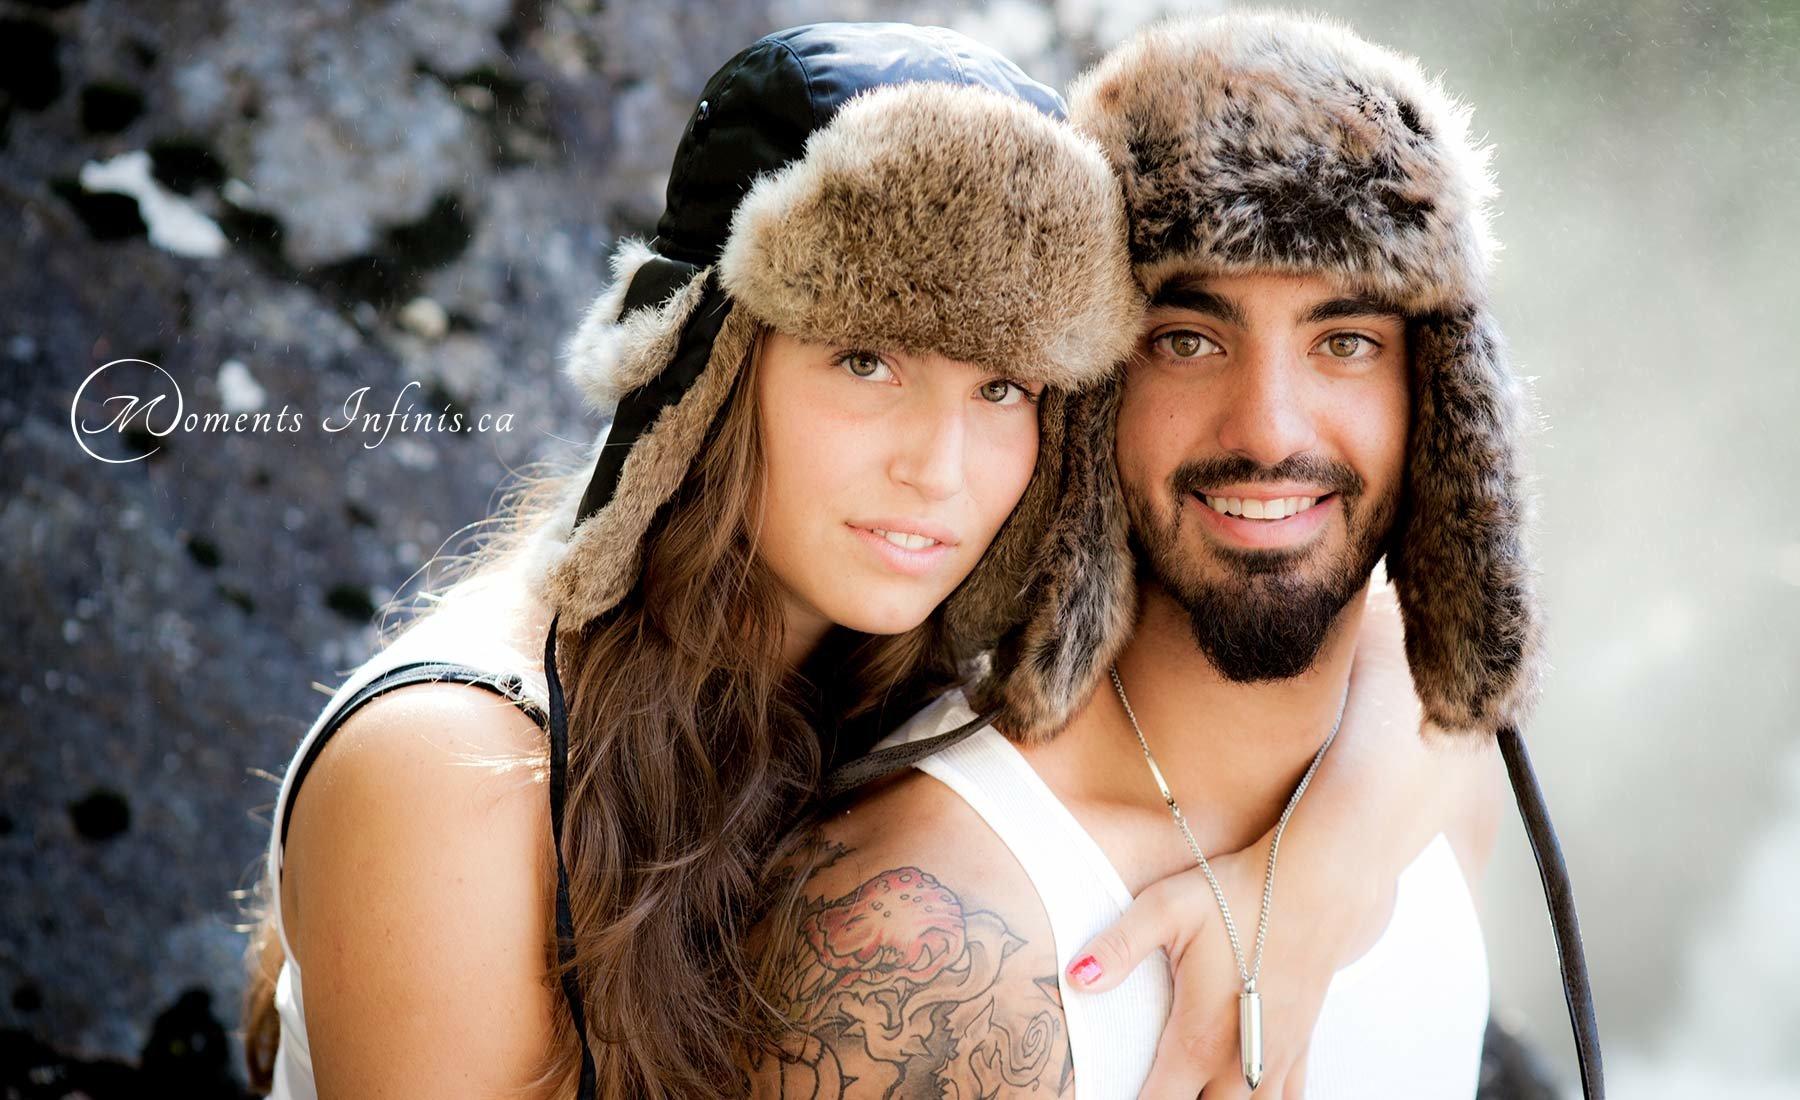 couple_1800x1100_3